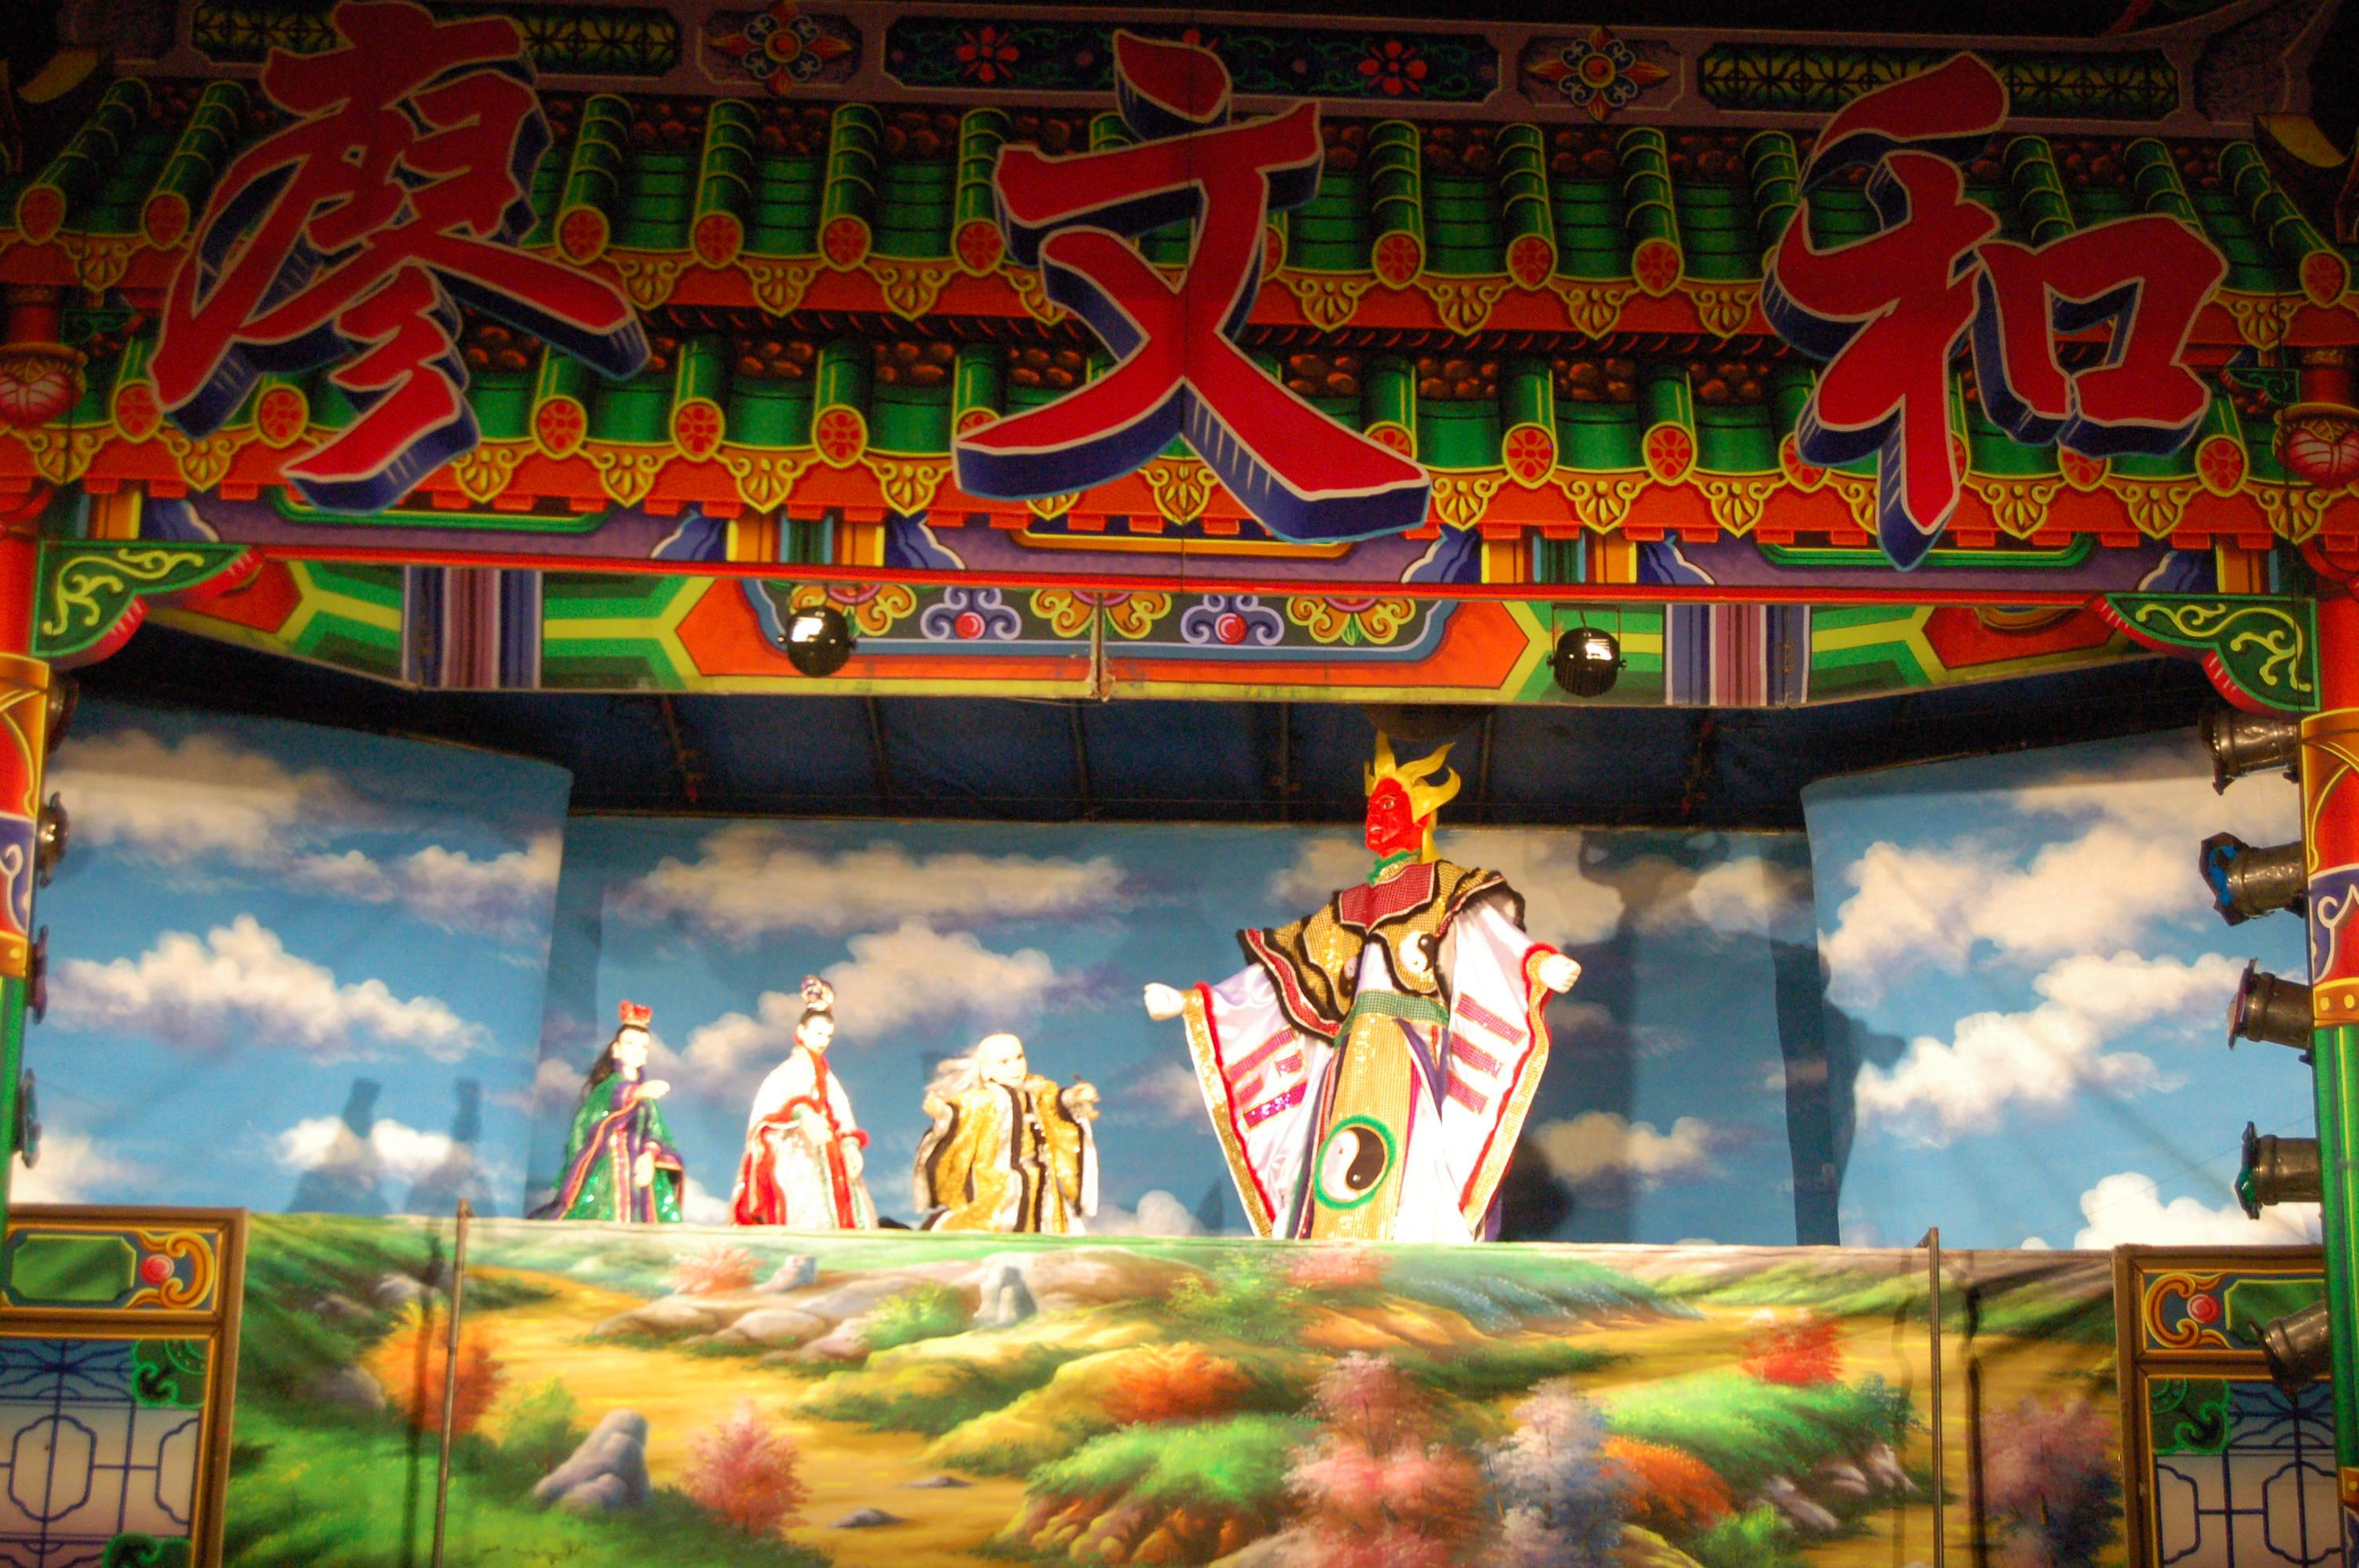 「臺灣之光」廖文和布袋戲《龍星俠義》世界首演在新北